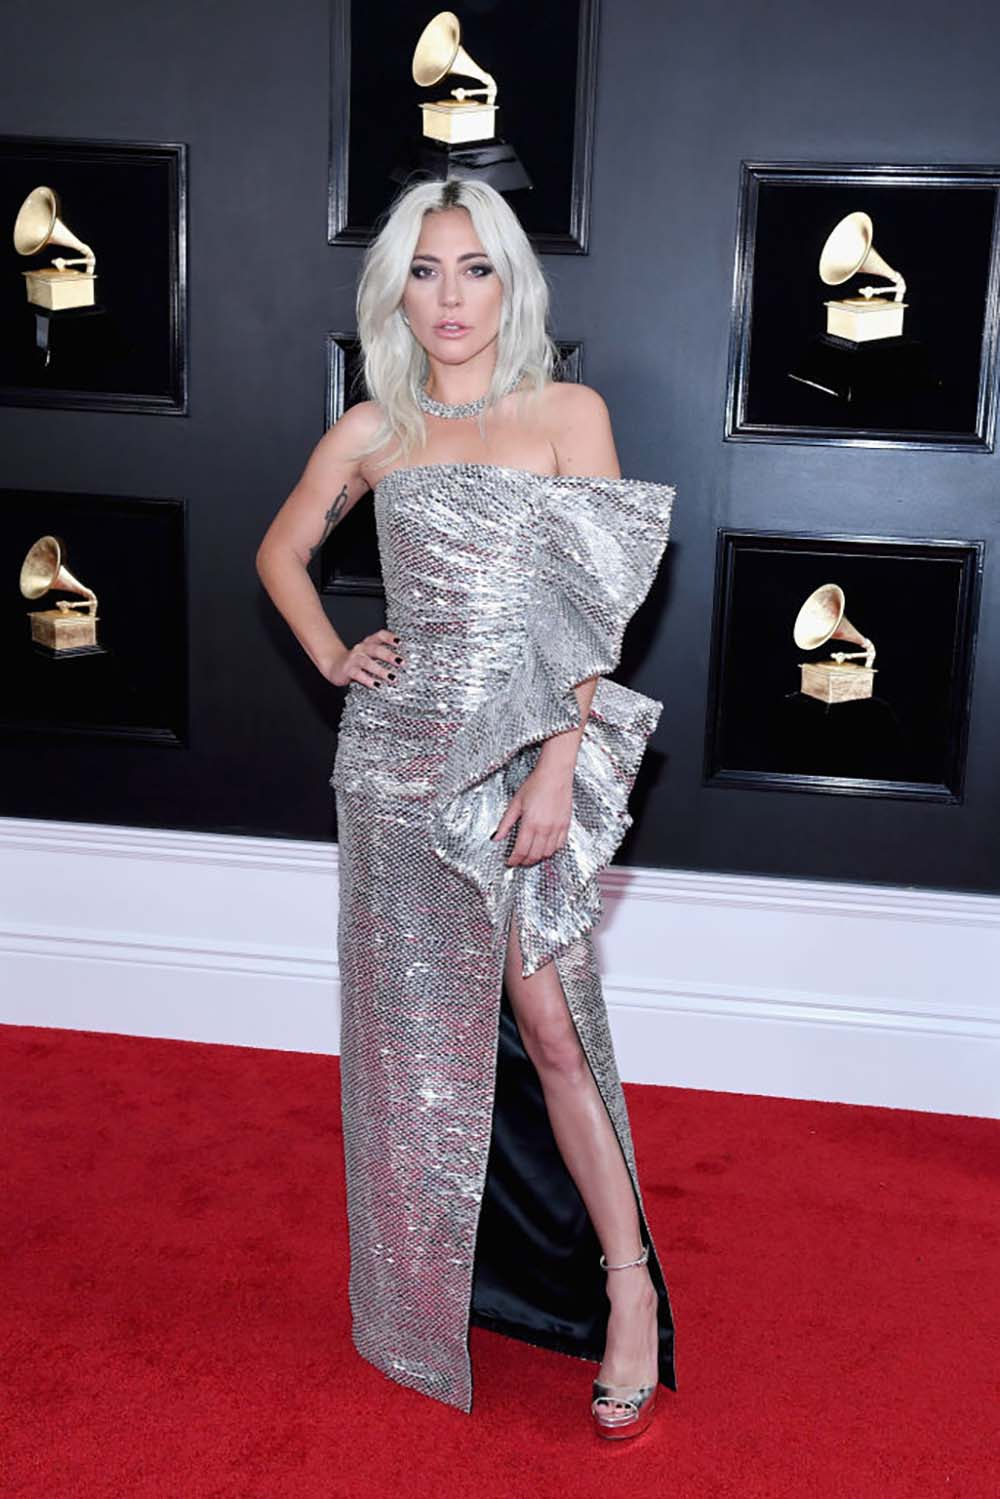 Lady-Gaga-Grammys